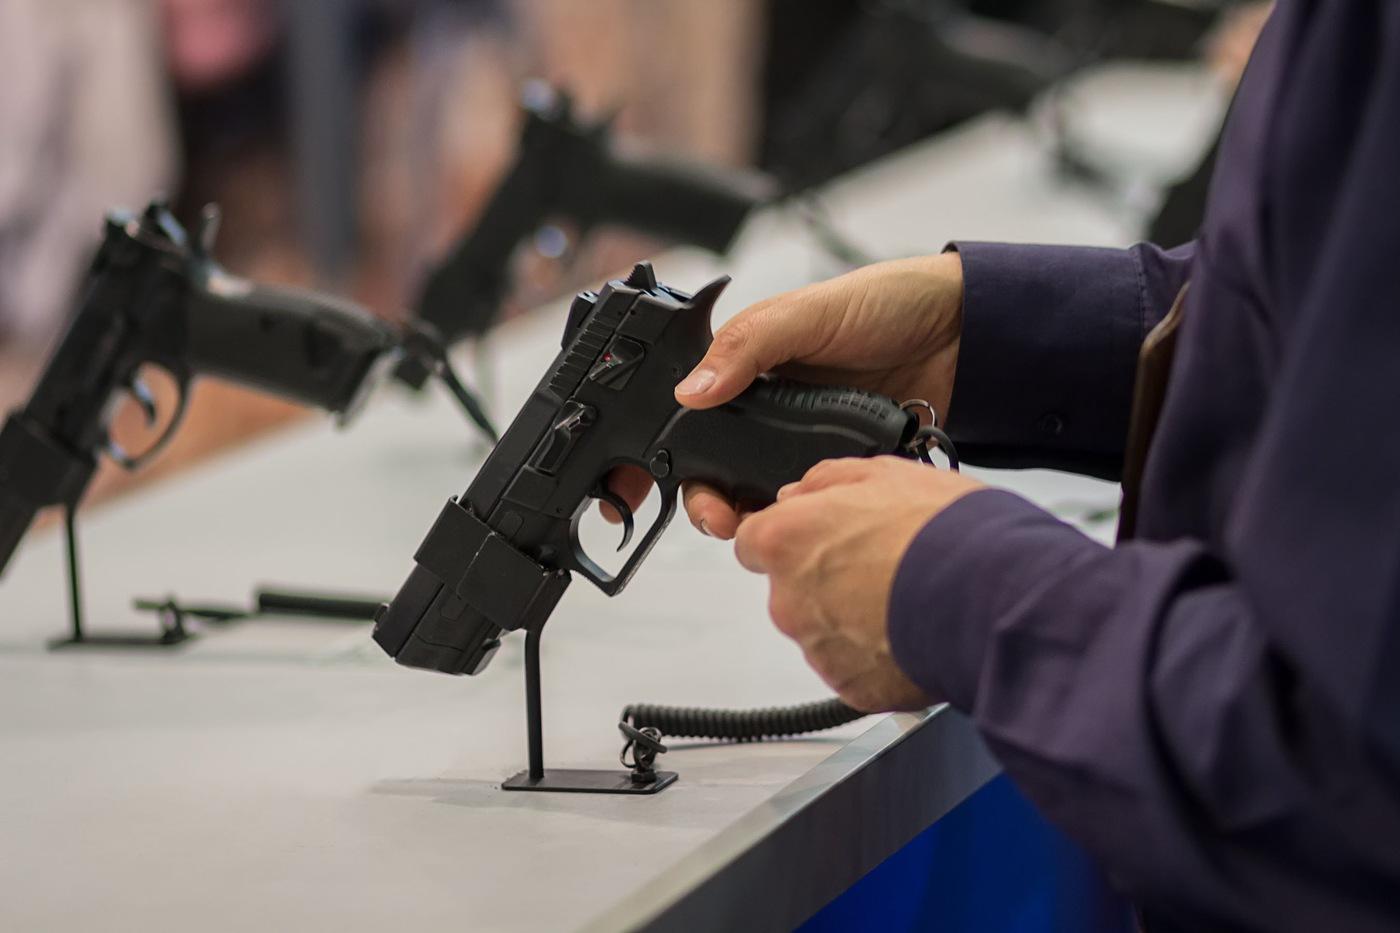 Gun in his hand